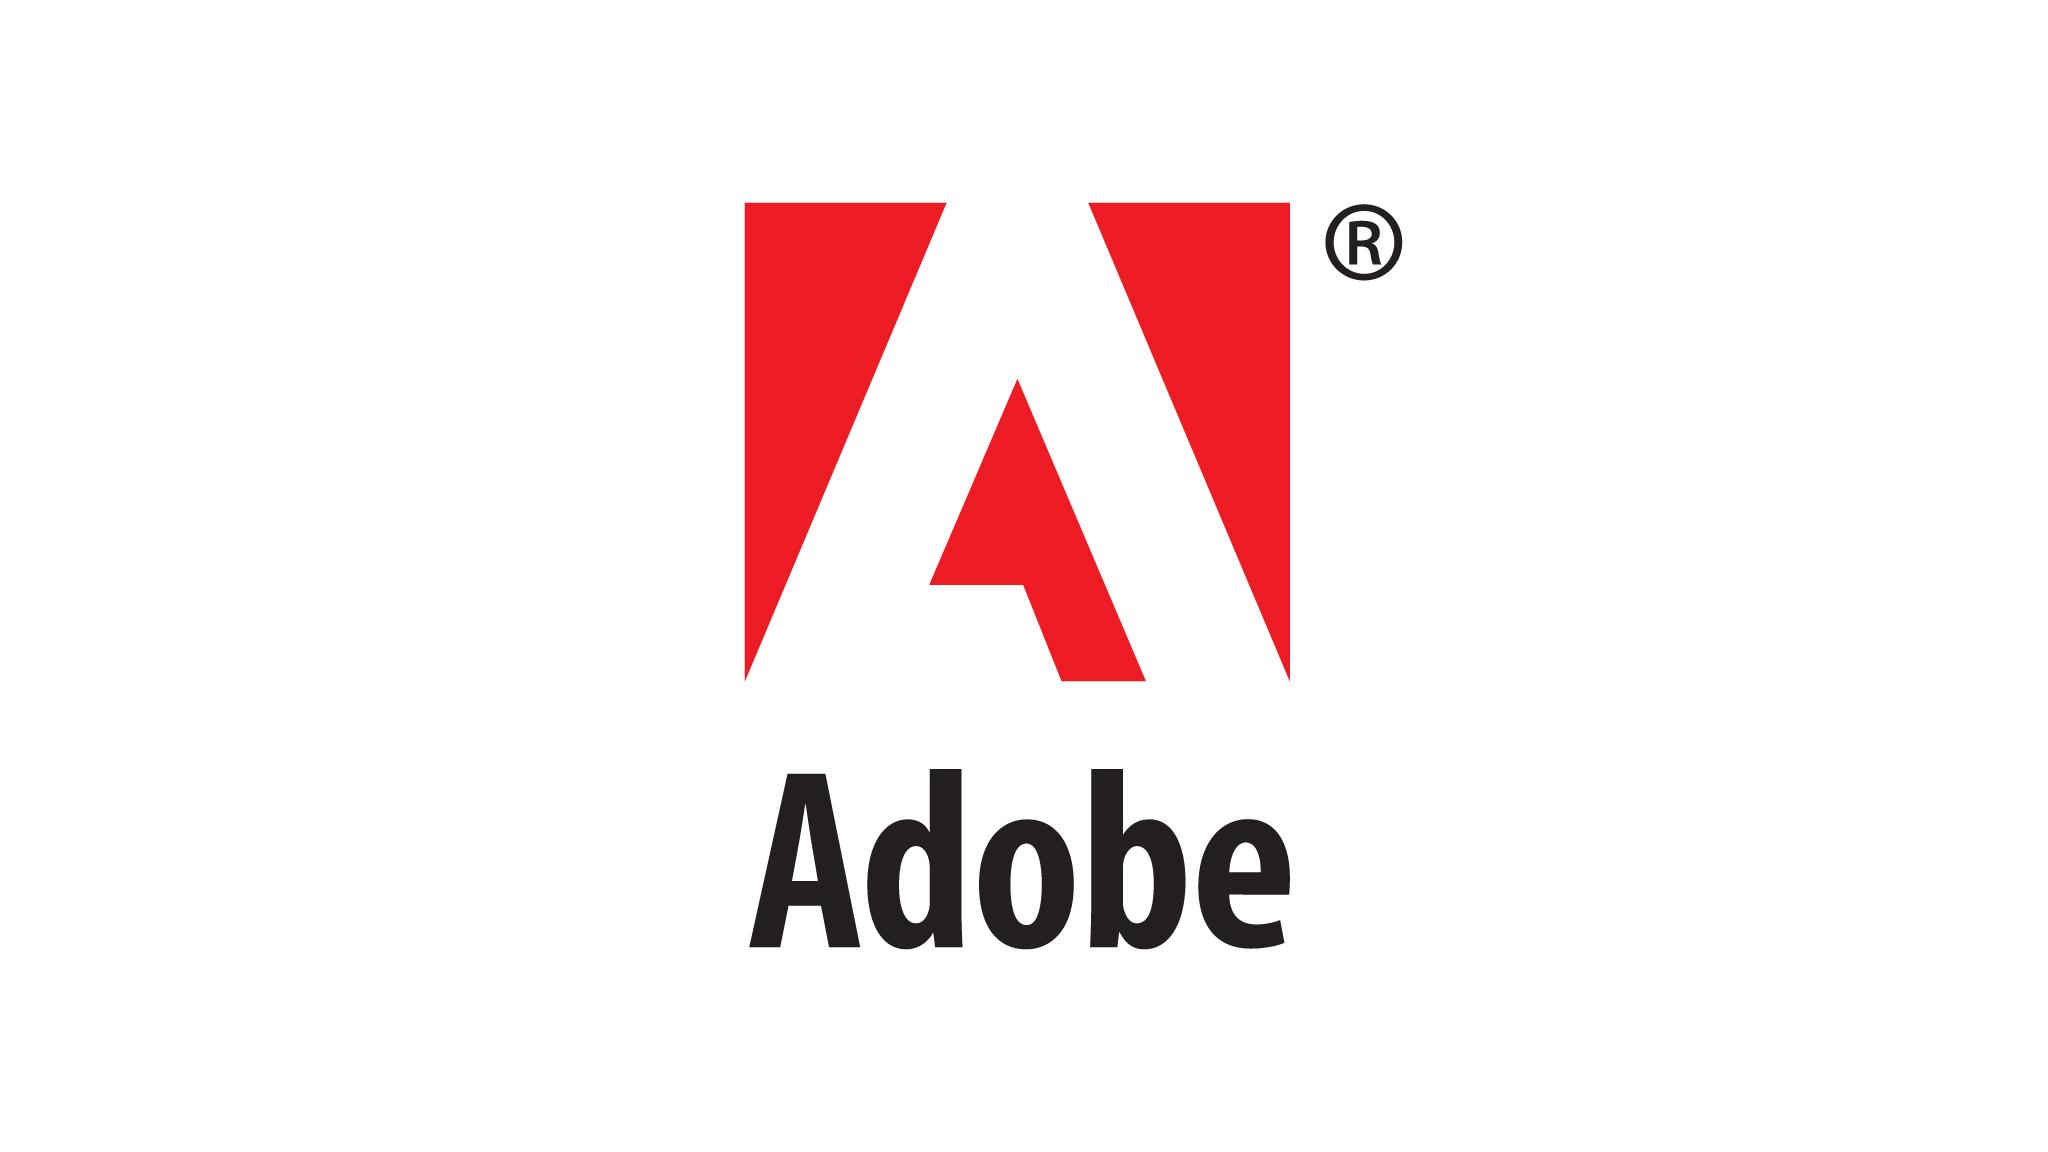 Adobe.com Persona Driven Design Prototype